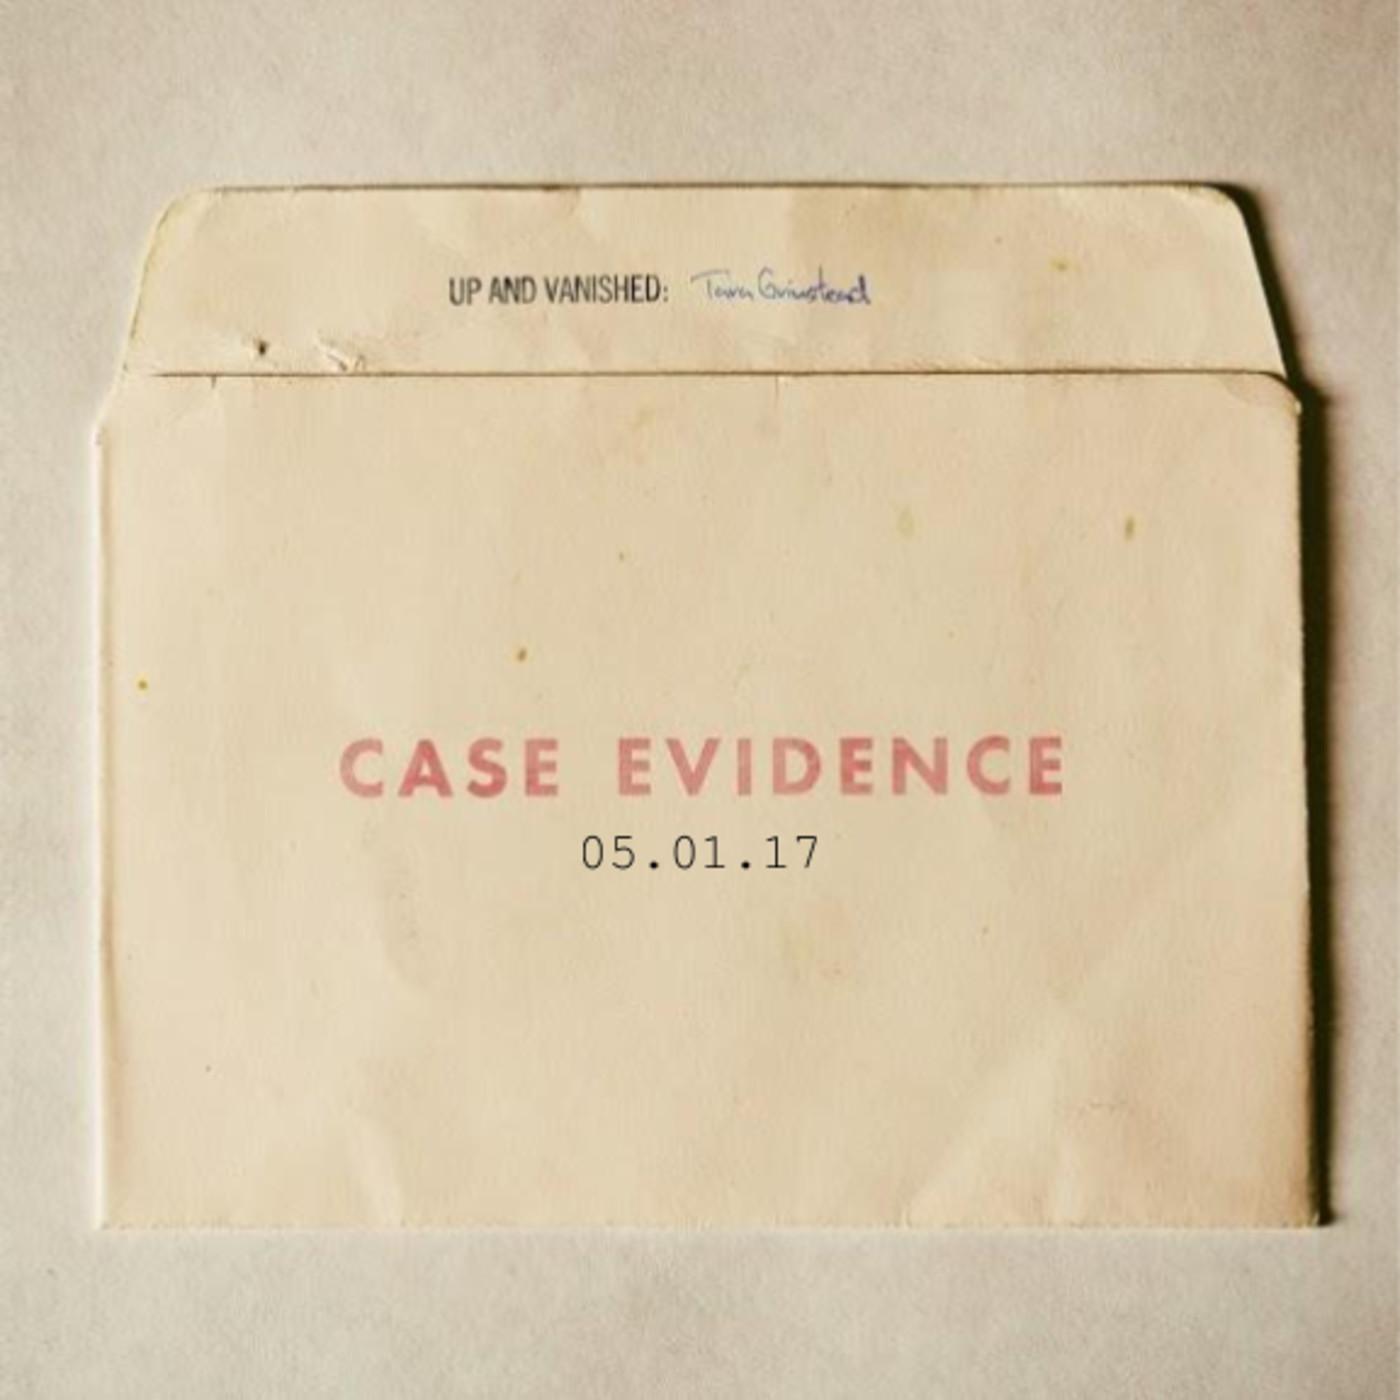 S1E : Case Evidence 05.01.17